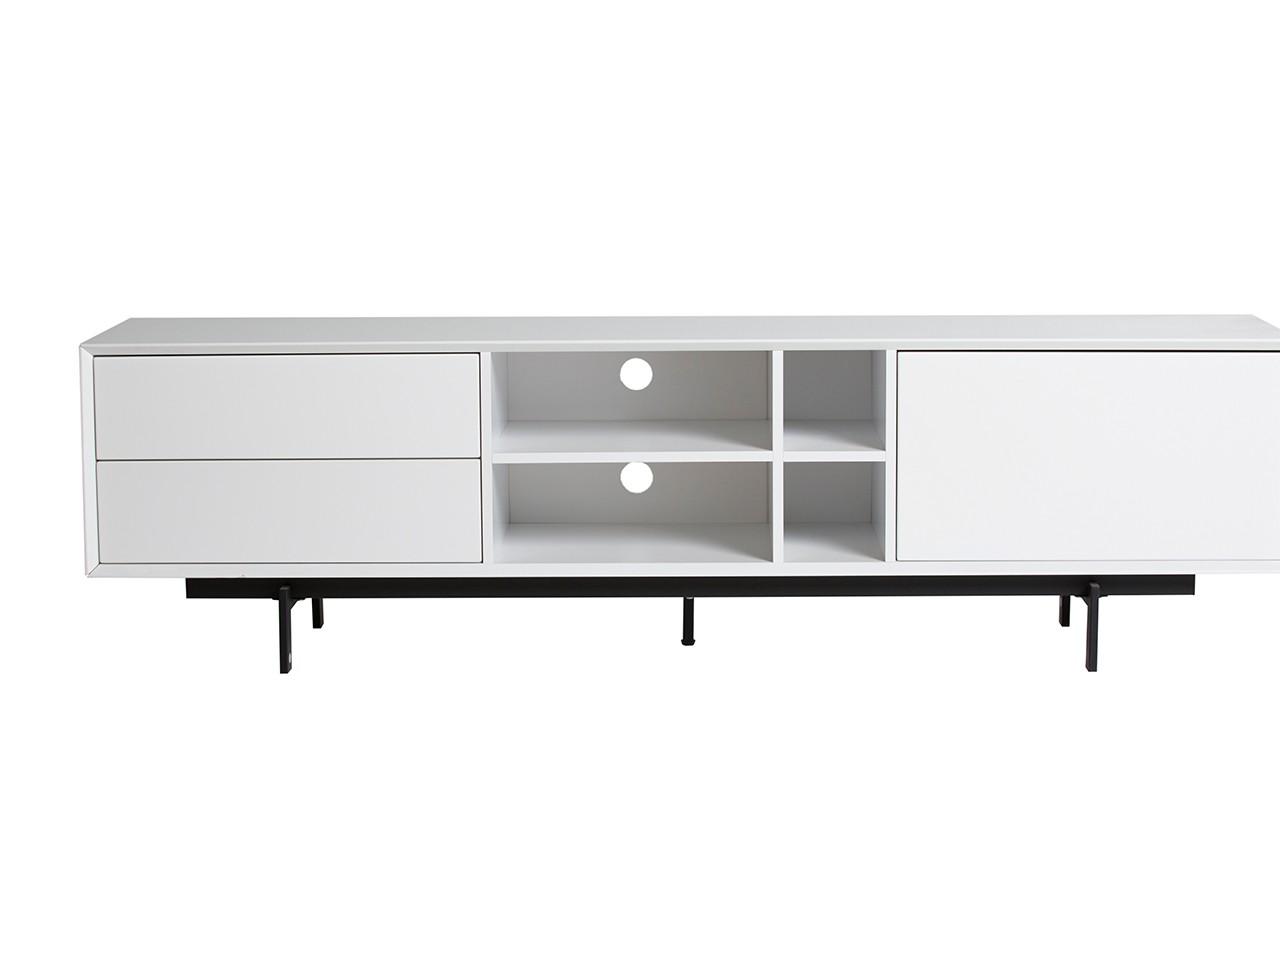 Cocinas modernas baratas precios muebles de cocina a for Cocinas modernas blancas precios